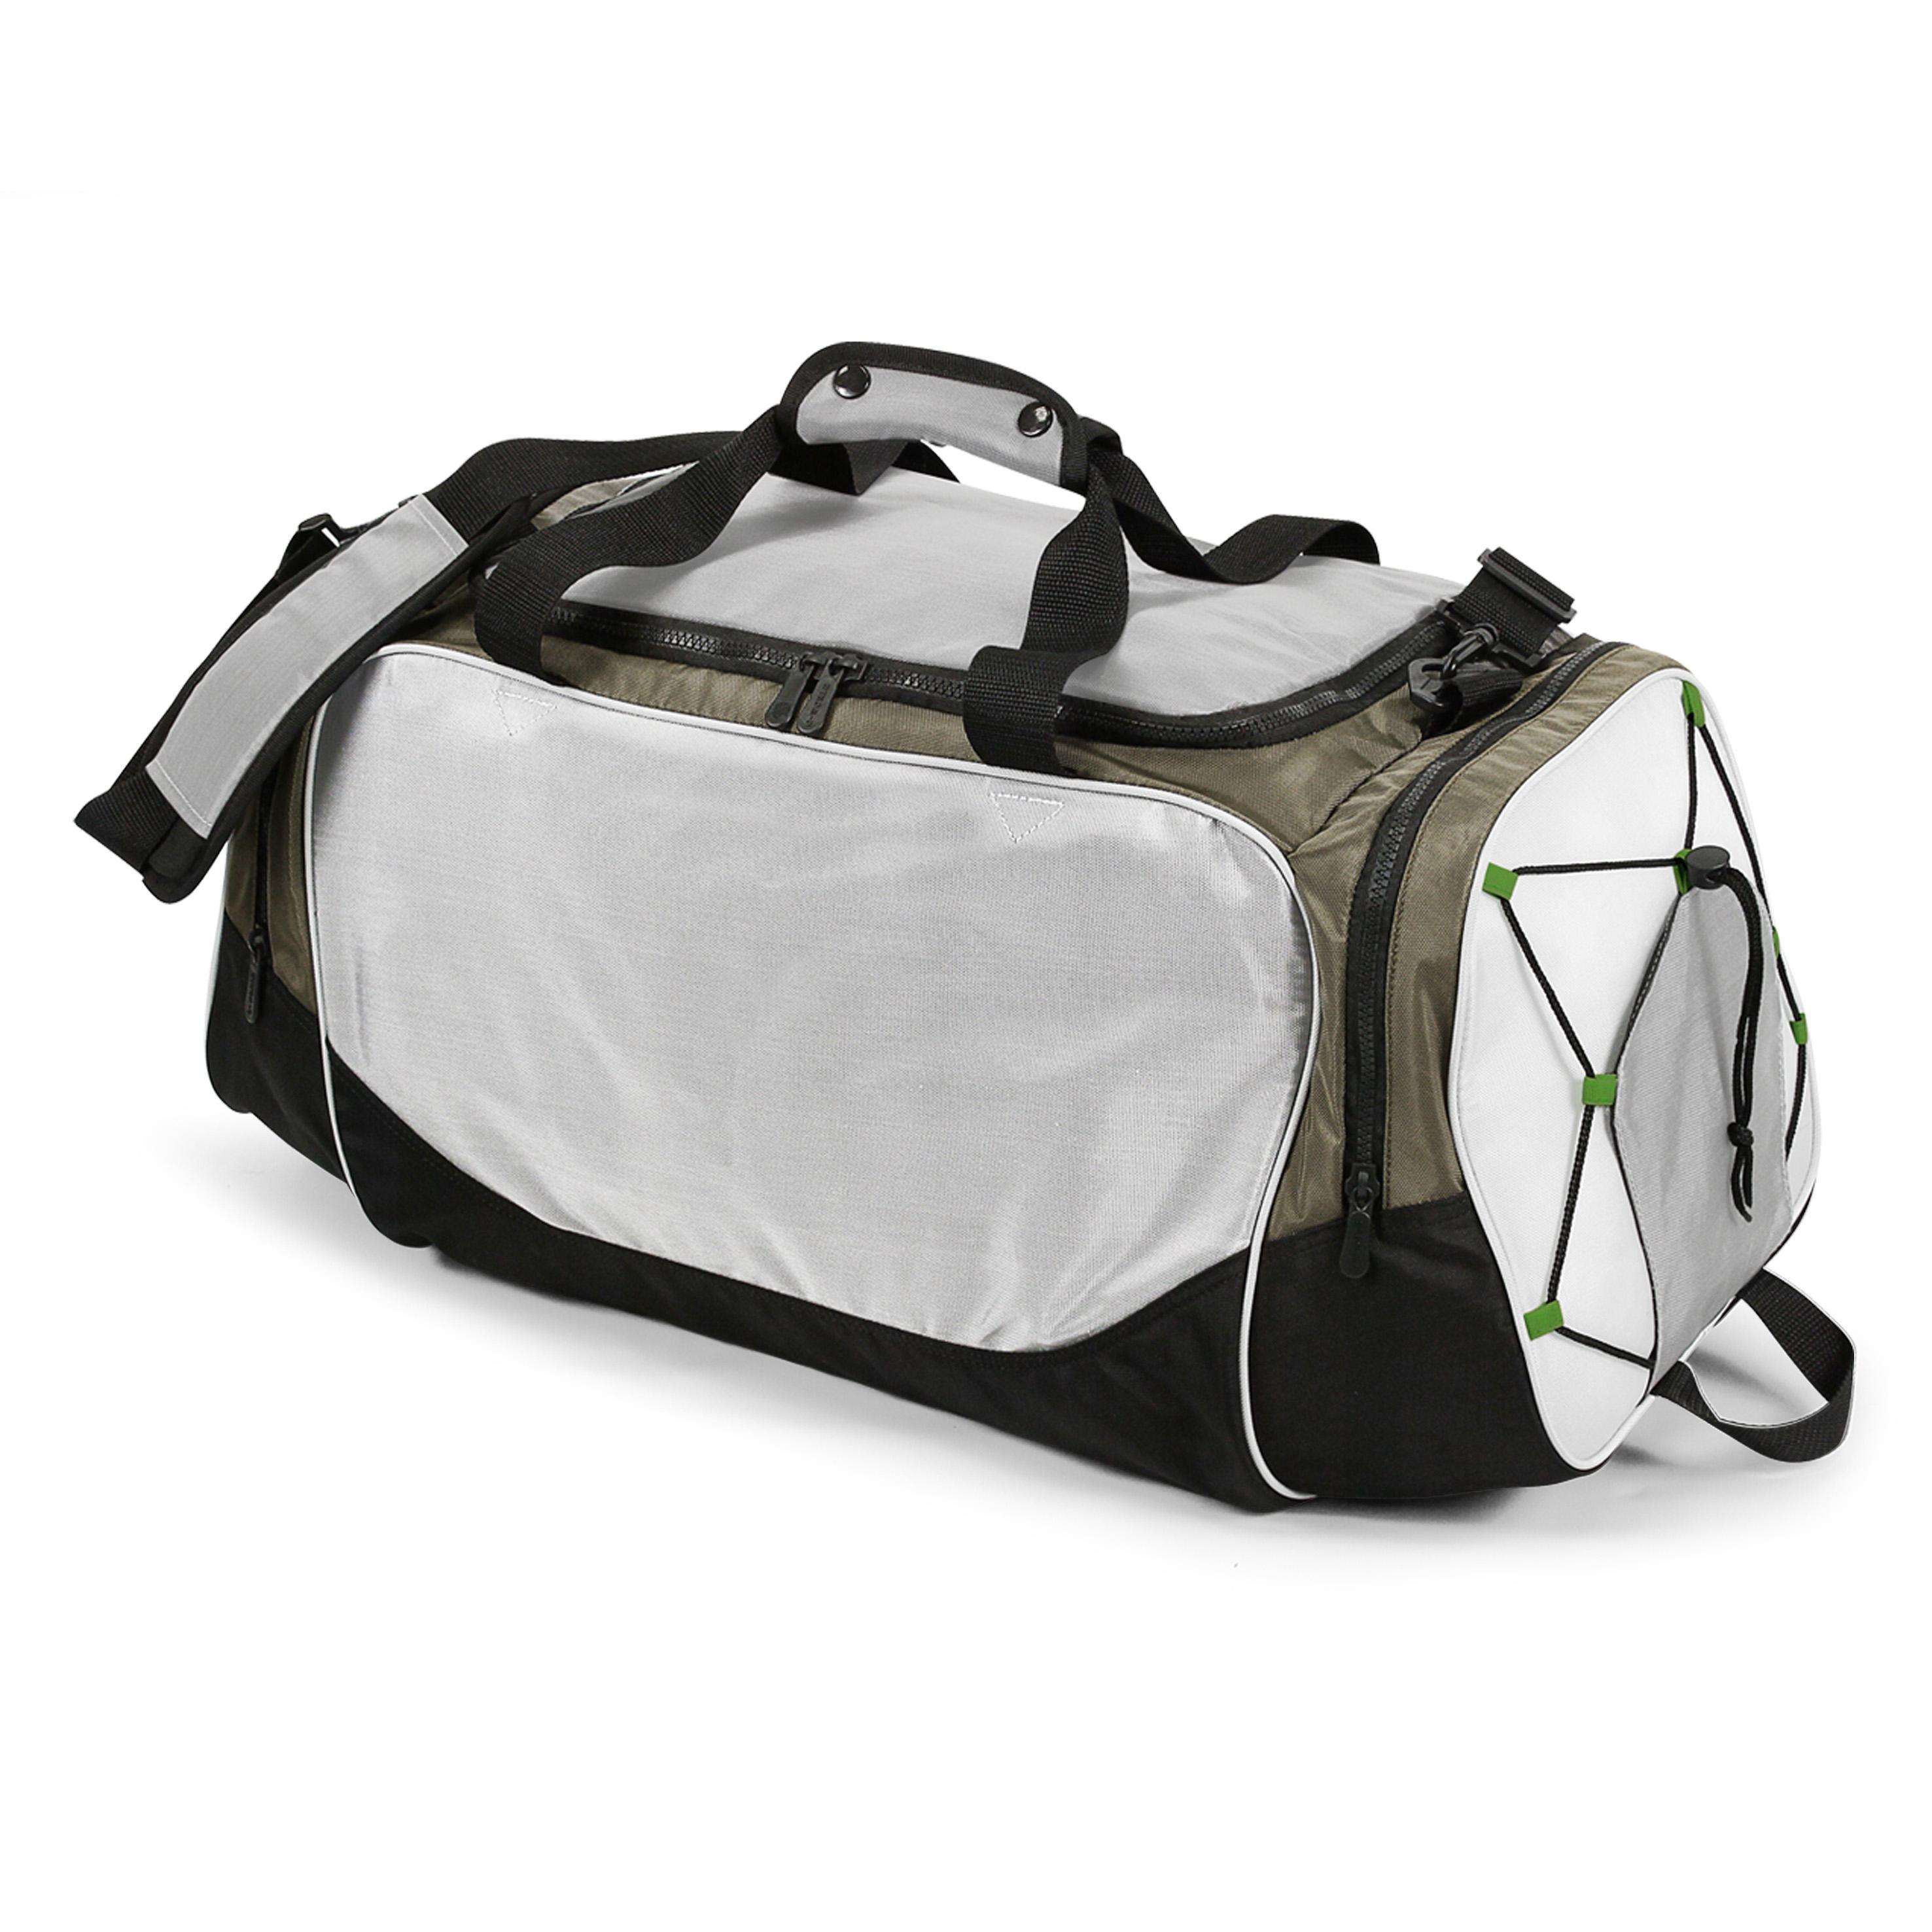 sac a dos personnalise aujustice kbecgb1312 le aujustice sacs de sport personnalisable. Black Bedroom Furniture Sets. Home Design Ideas